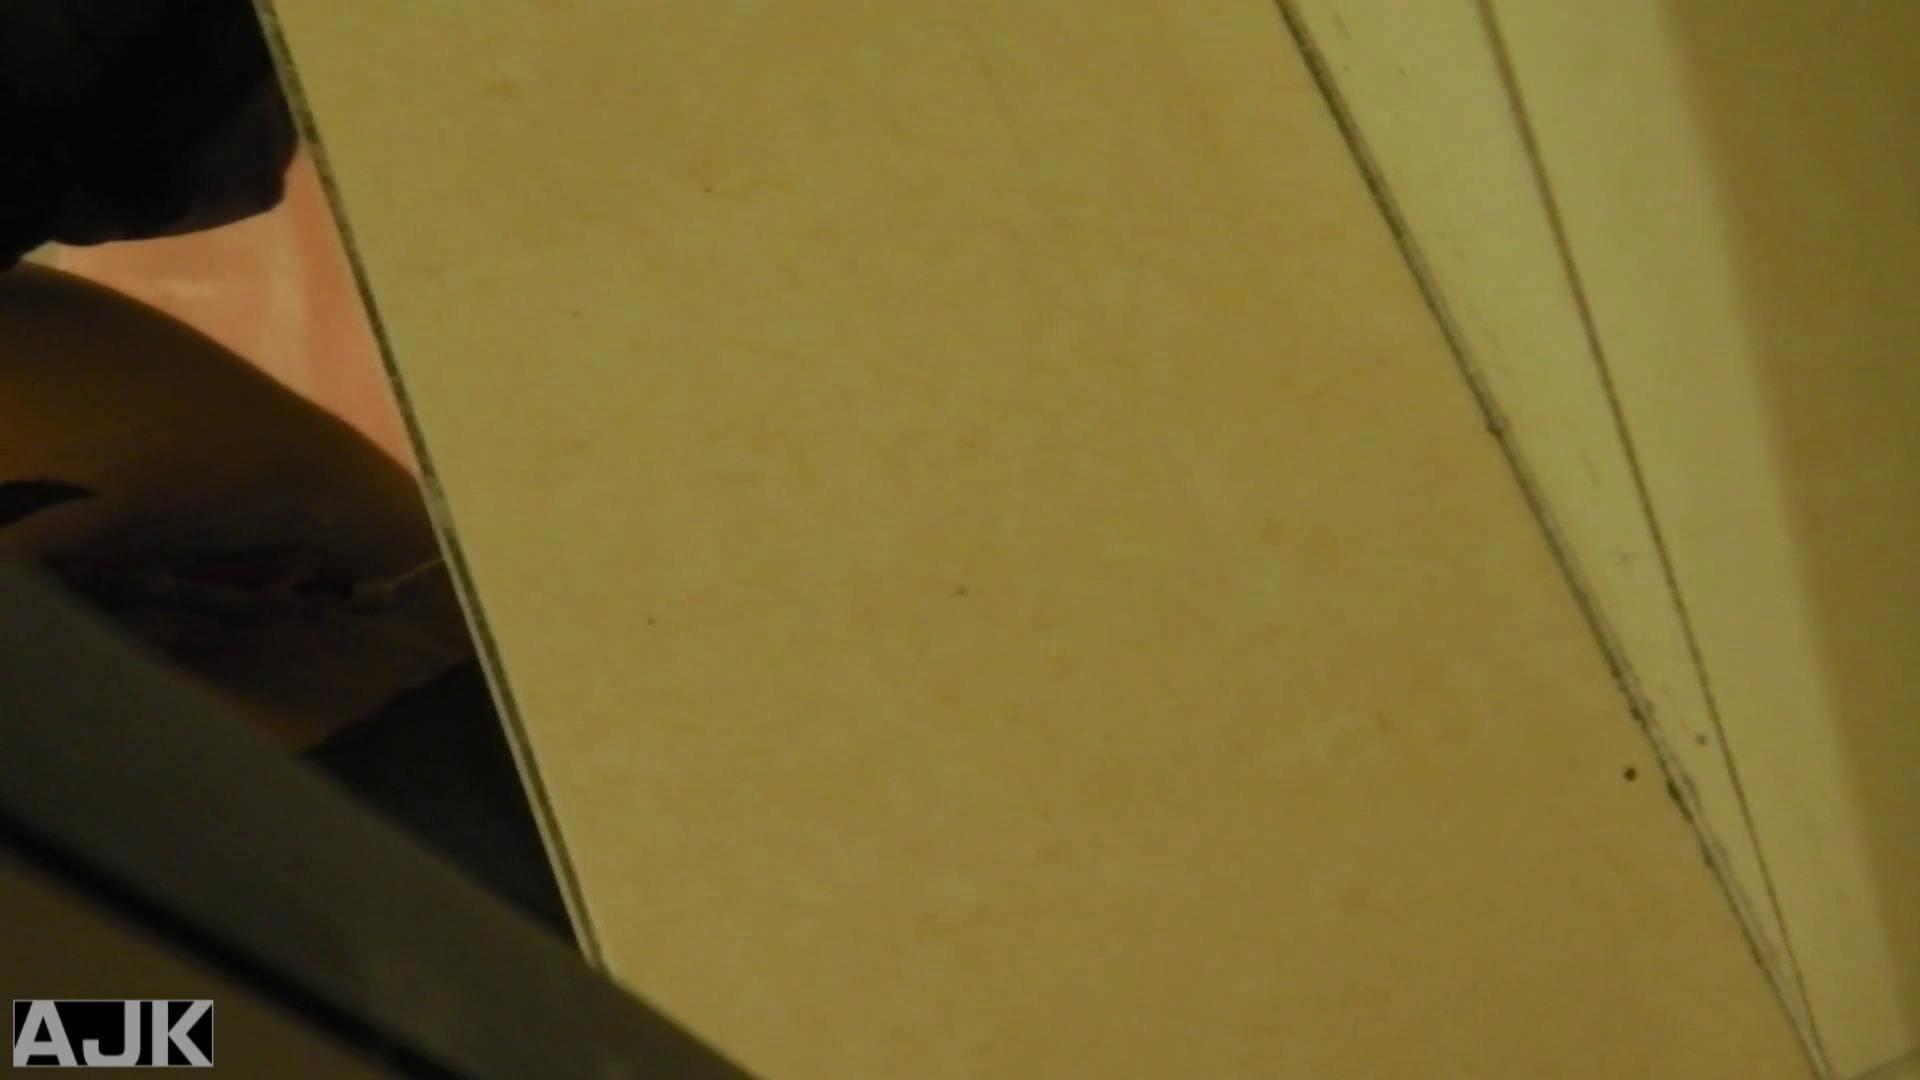 隣国上階級エリアの令嬢たちが集うデパートお手洗い Vol.09 お手洗い  62PIX 46